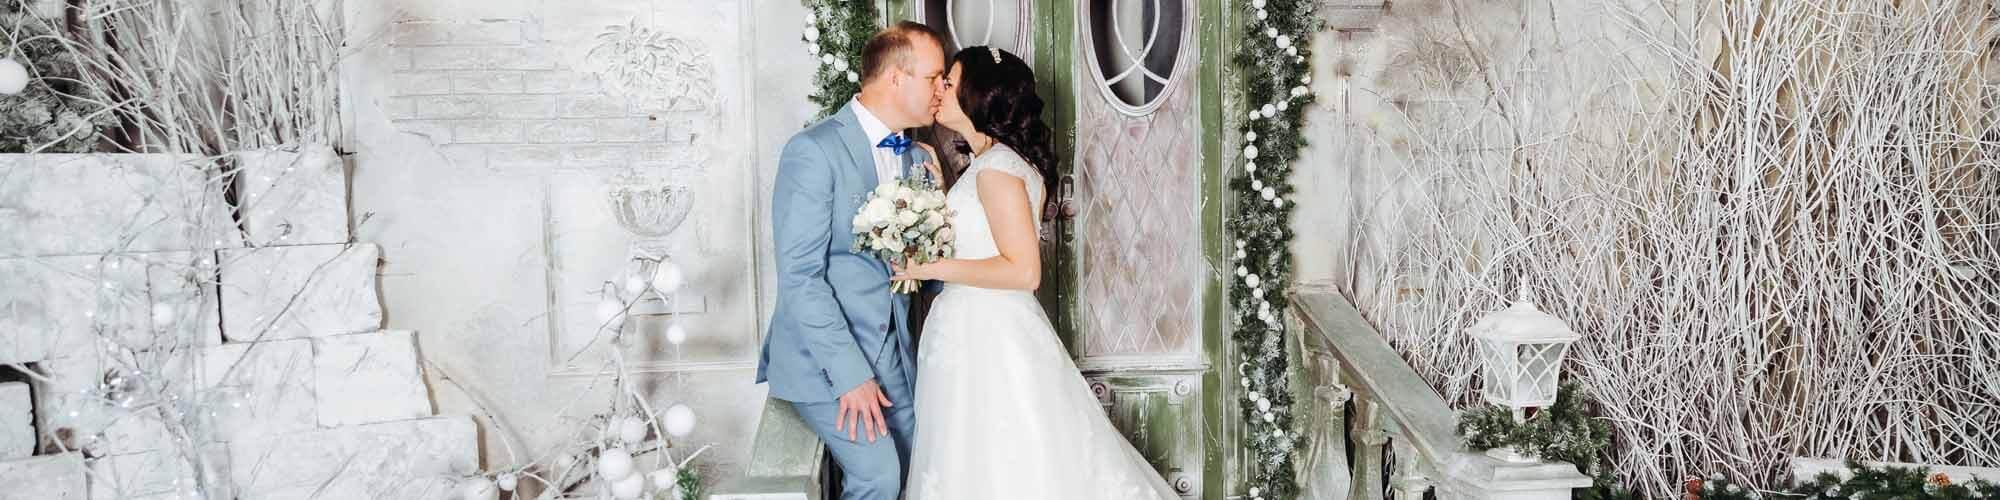 a3a9ebafbac091a Тематические свадьбы, организация, идеи, варианты, фото